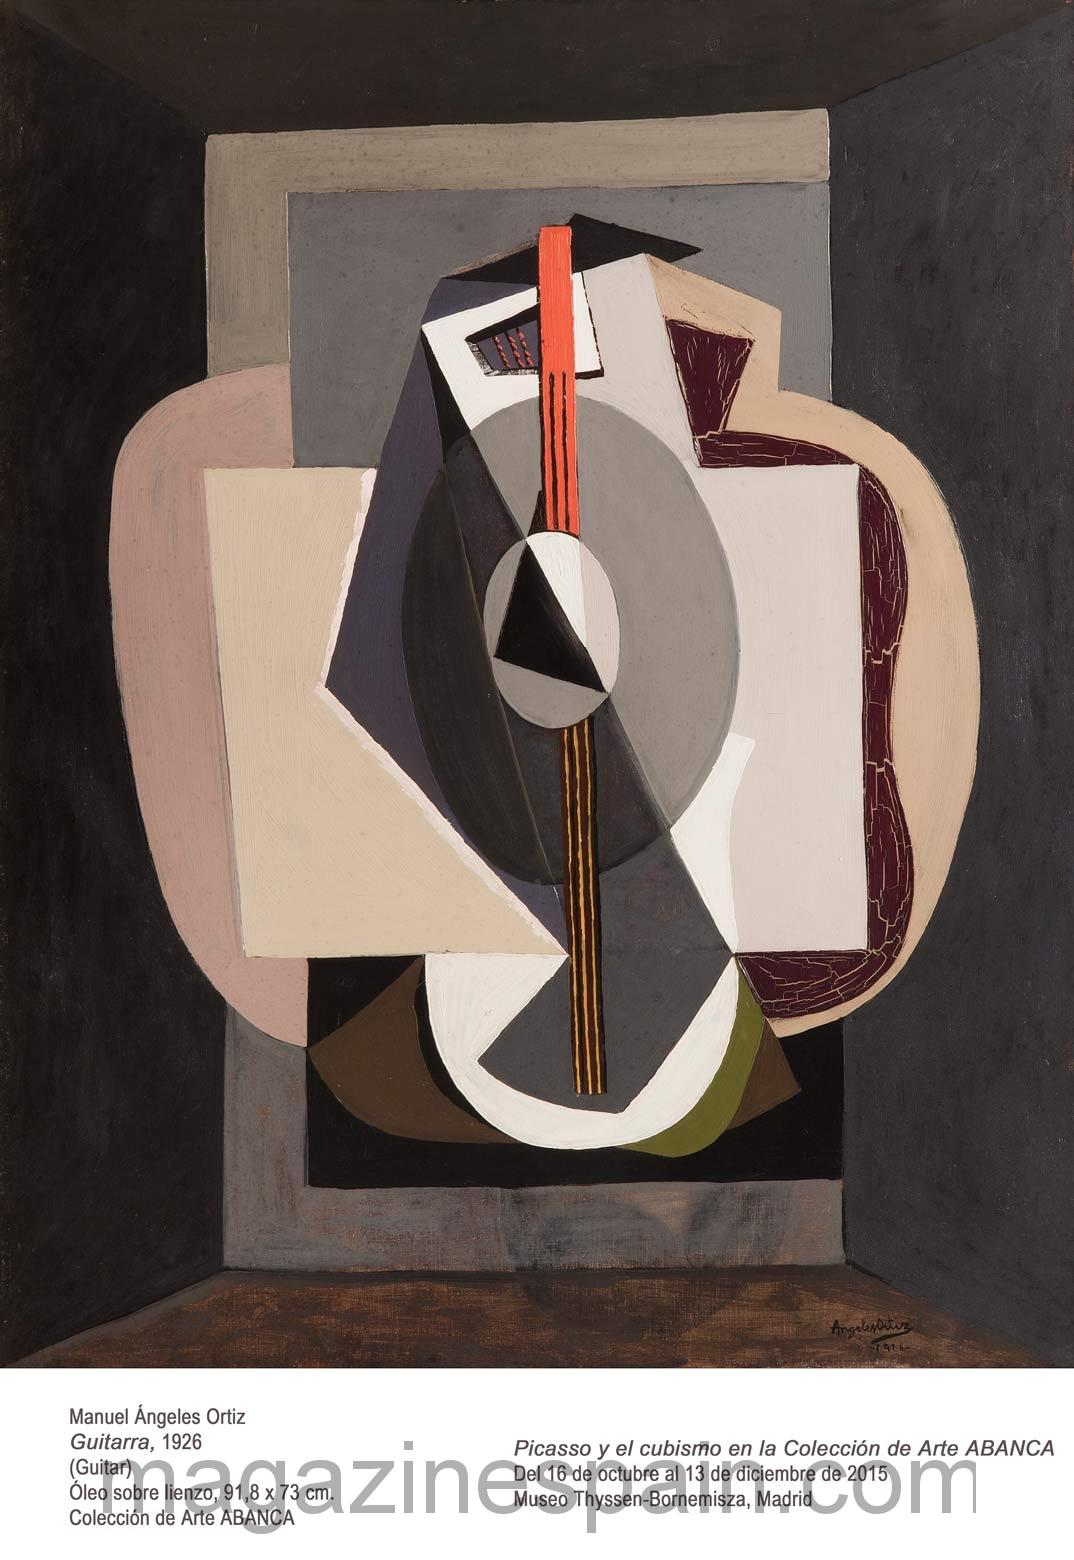 Picasso Y El Cubismo En El Museo Thyssen